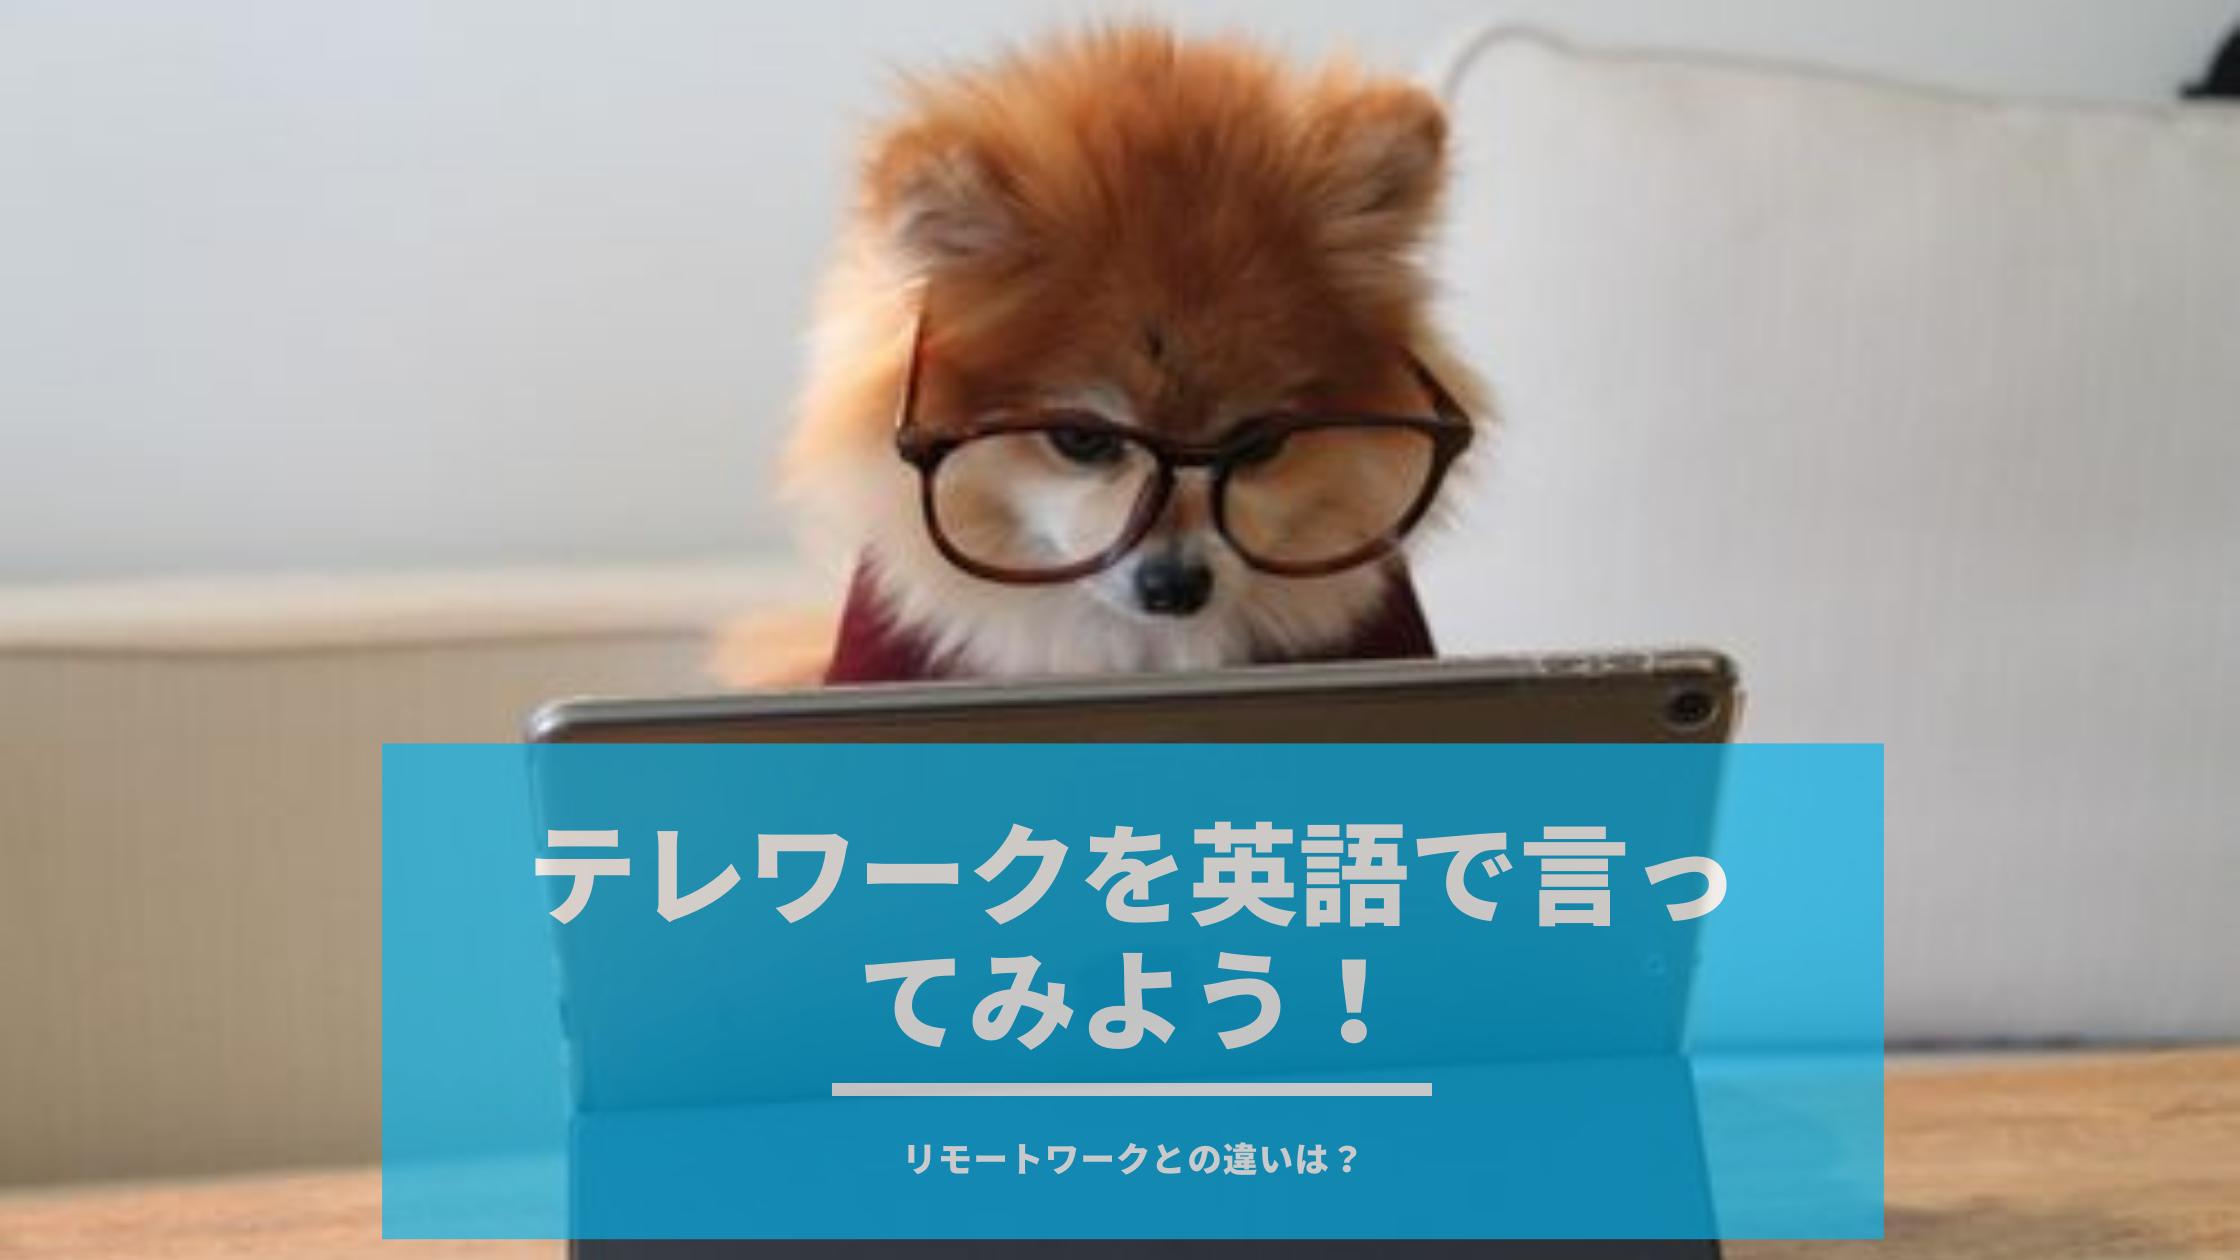 【例文豊富】テレワークとリモートワークの違いは?この2つを英語で理解して英会話に使ってみよう!